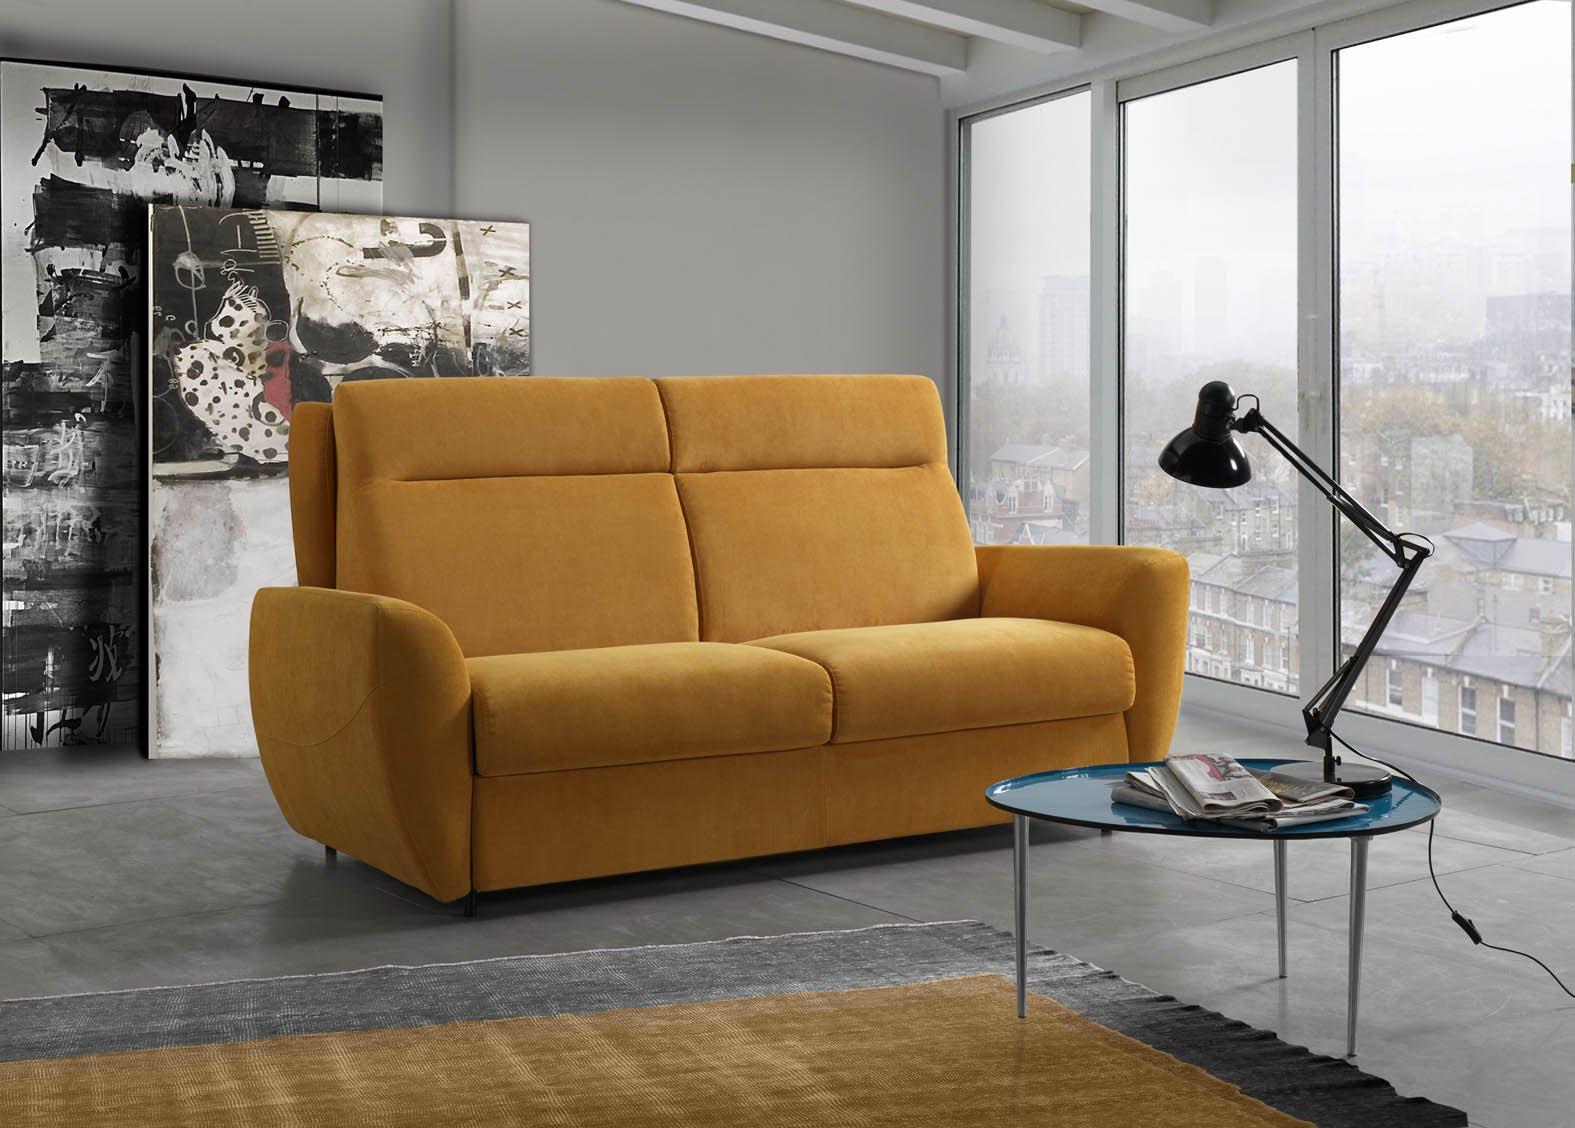 vista interna di una casa con divano giallo, lampadina sul tavolo in vetro con infissi